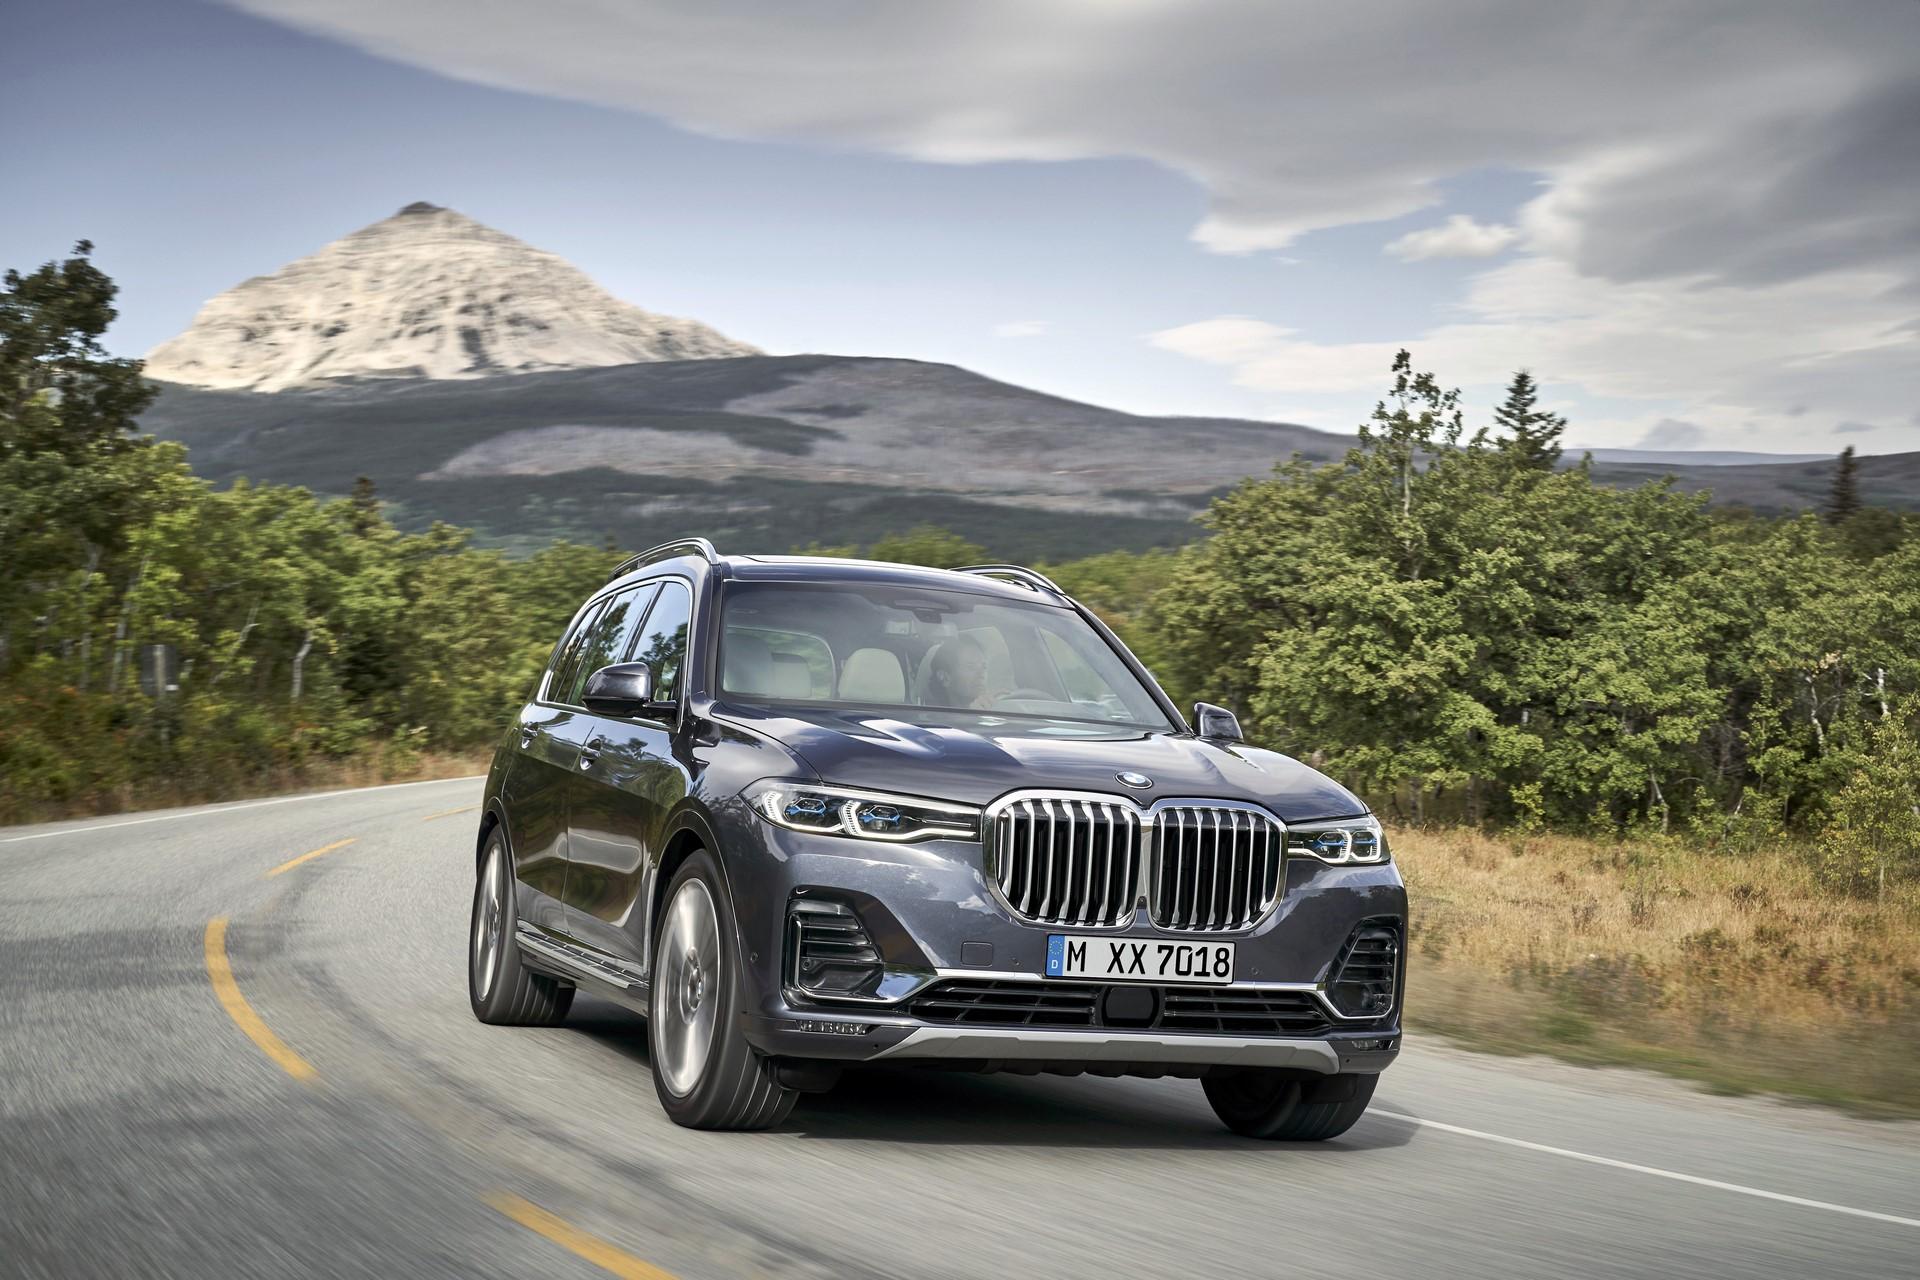 BMW X7 2019 (26)